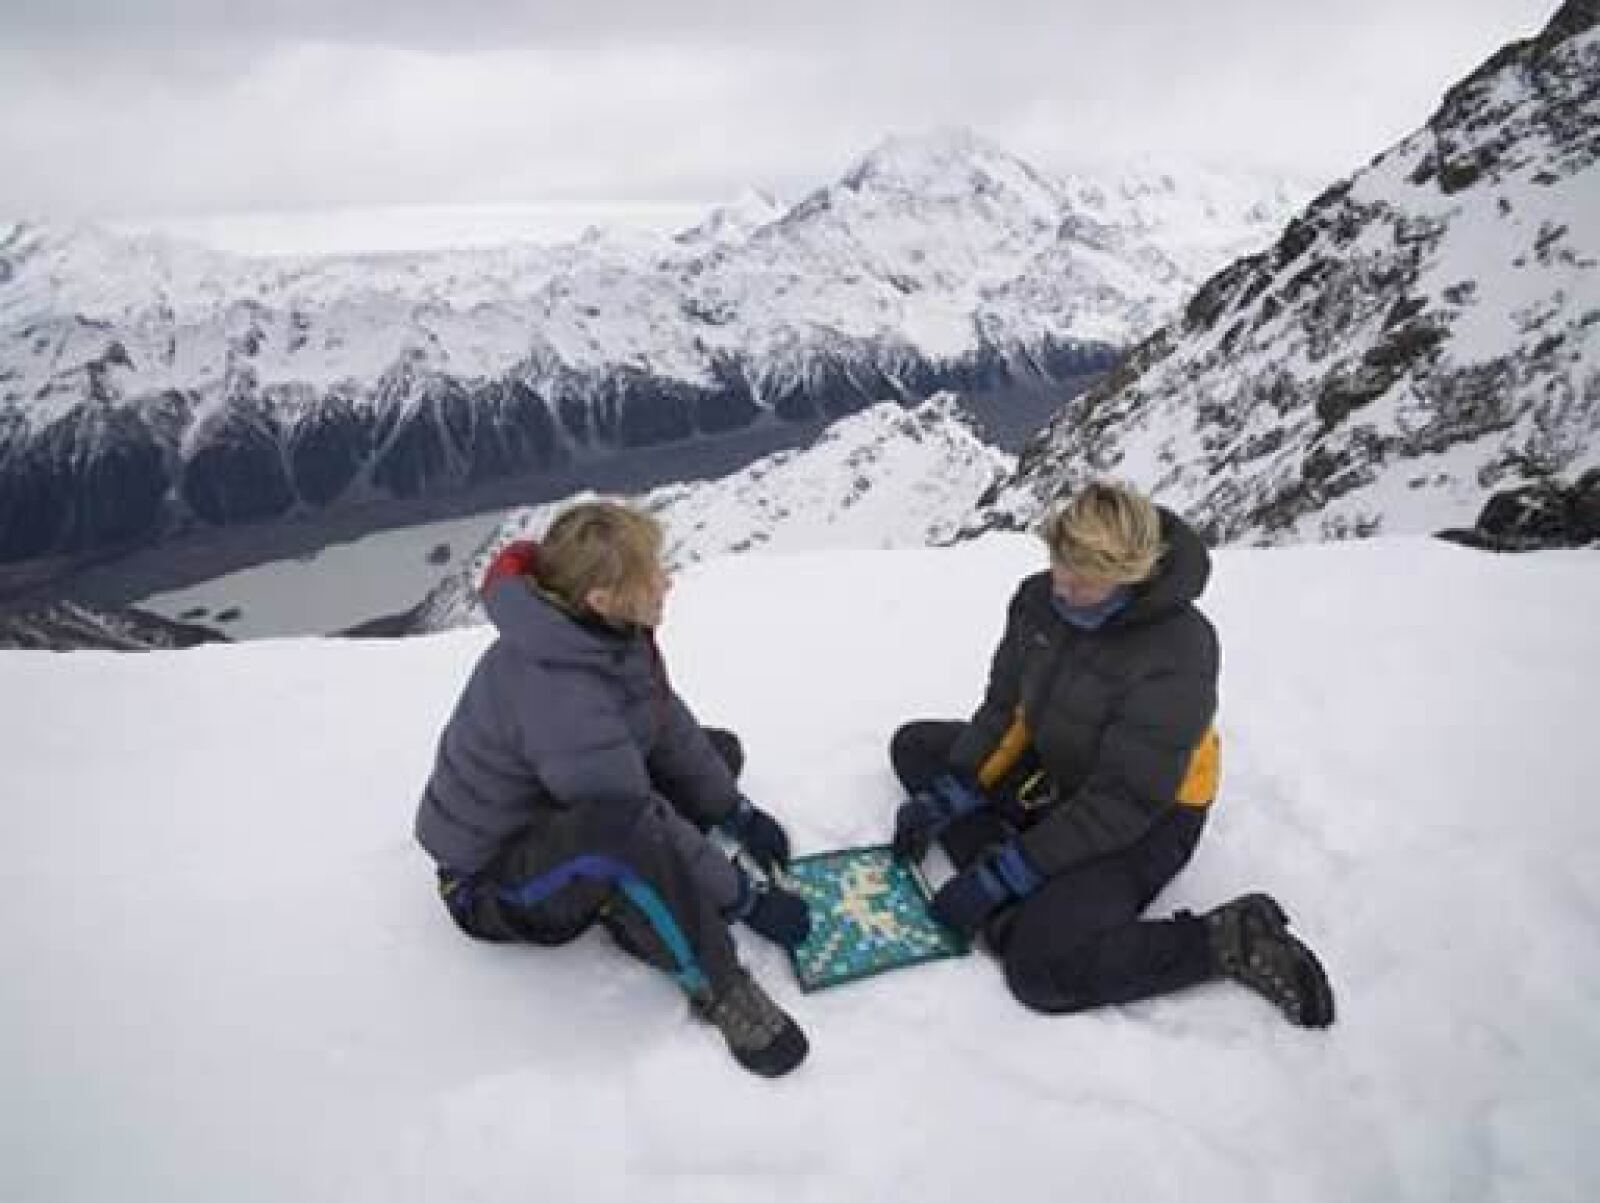 El juego estuvo más que frío cuando los fanáticos Nicola Graham y Bim Hargreaves tomaron un descanso de su excursión a 2749 metros sobre el nivel del mar en el Monte Cook en Nueva Zelanda para jugar.